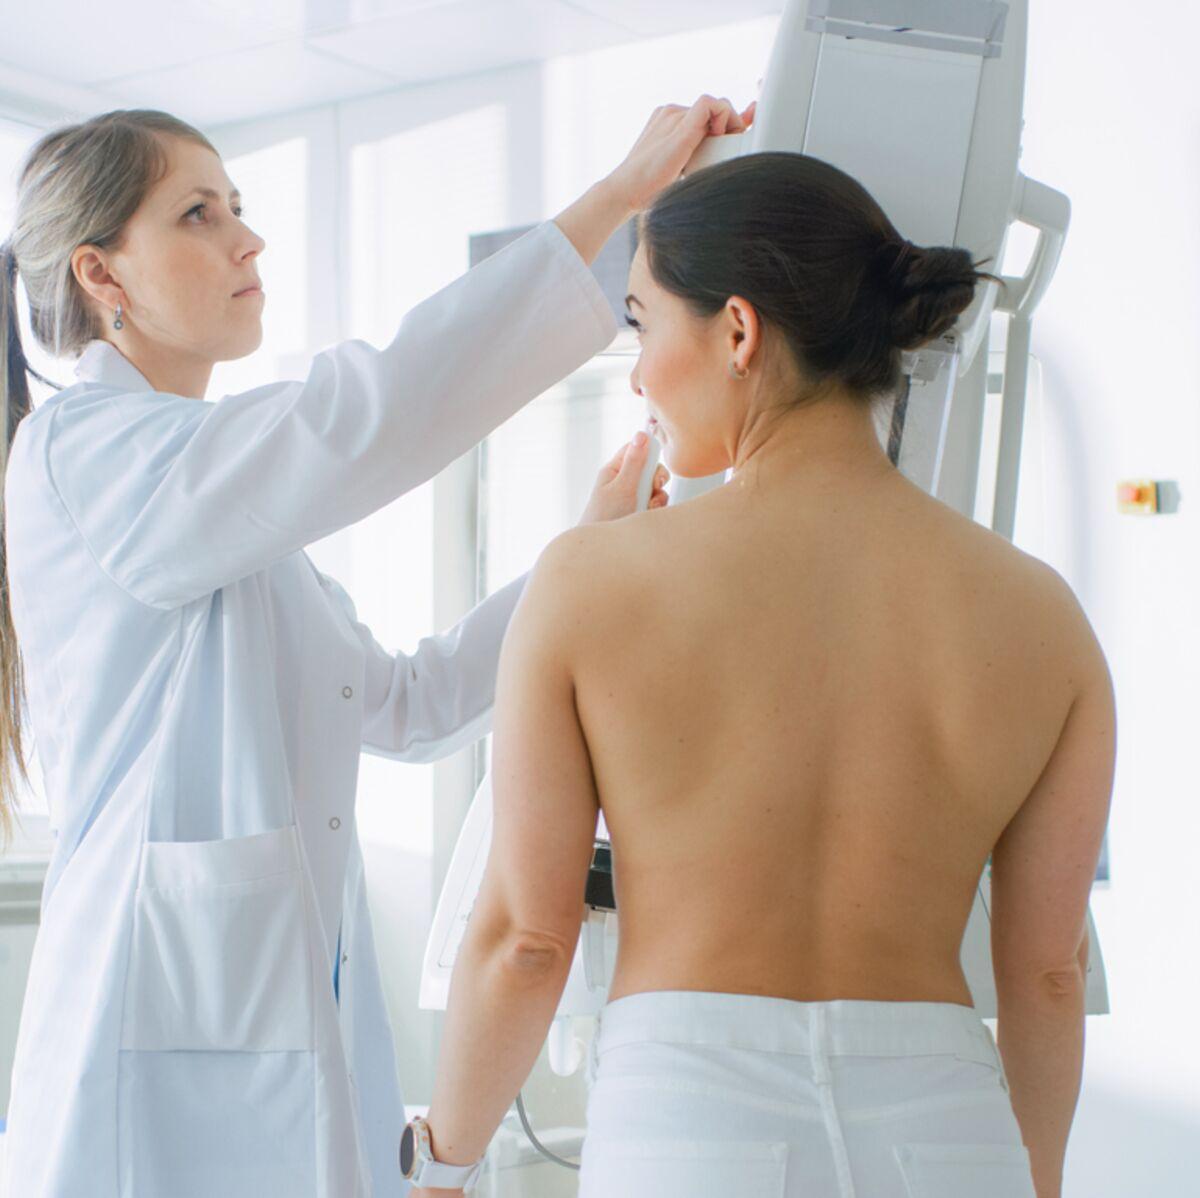 Lutte contre le cancer du sein: Trodelvy, voici ce qu'il faut savoir sur ce nouveau traitement qui sera autorisé à partir du mois de novembre!